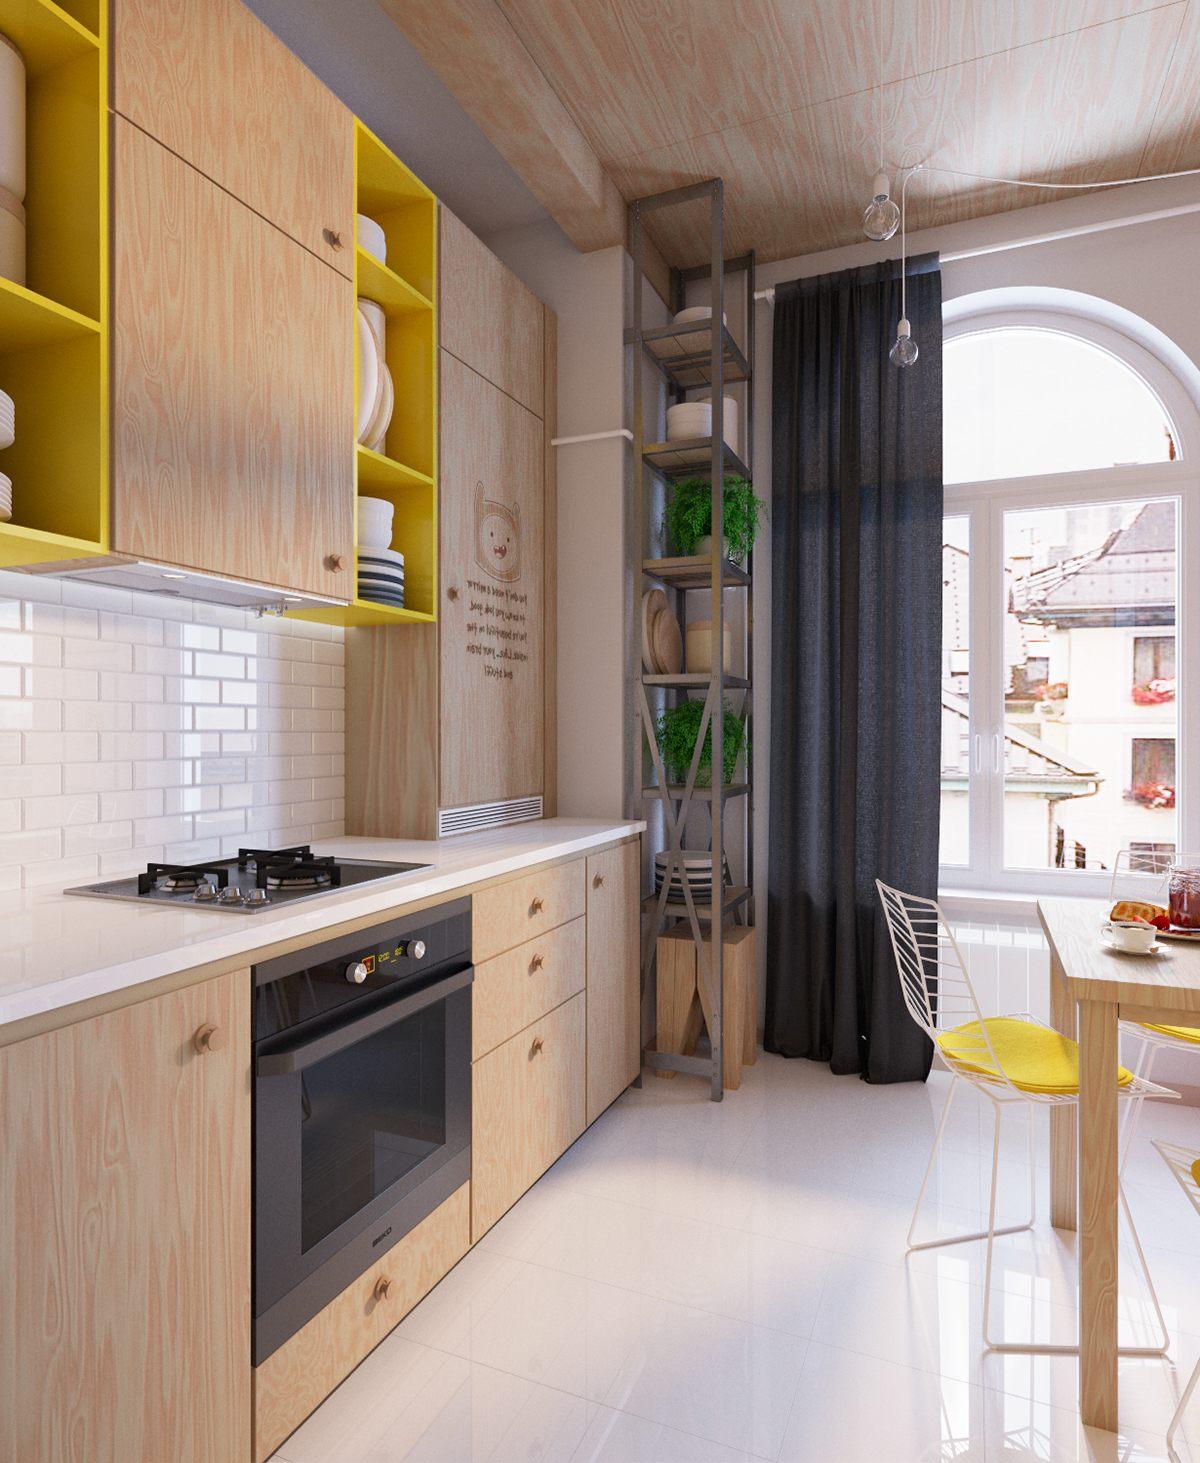 35㎡小户型公寓厨房装修效果图